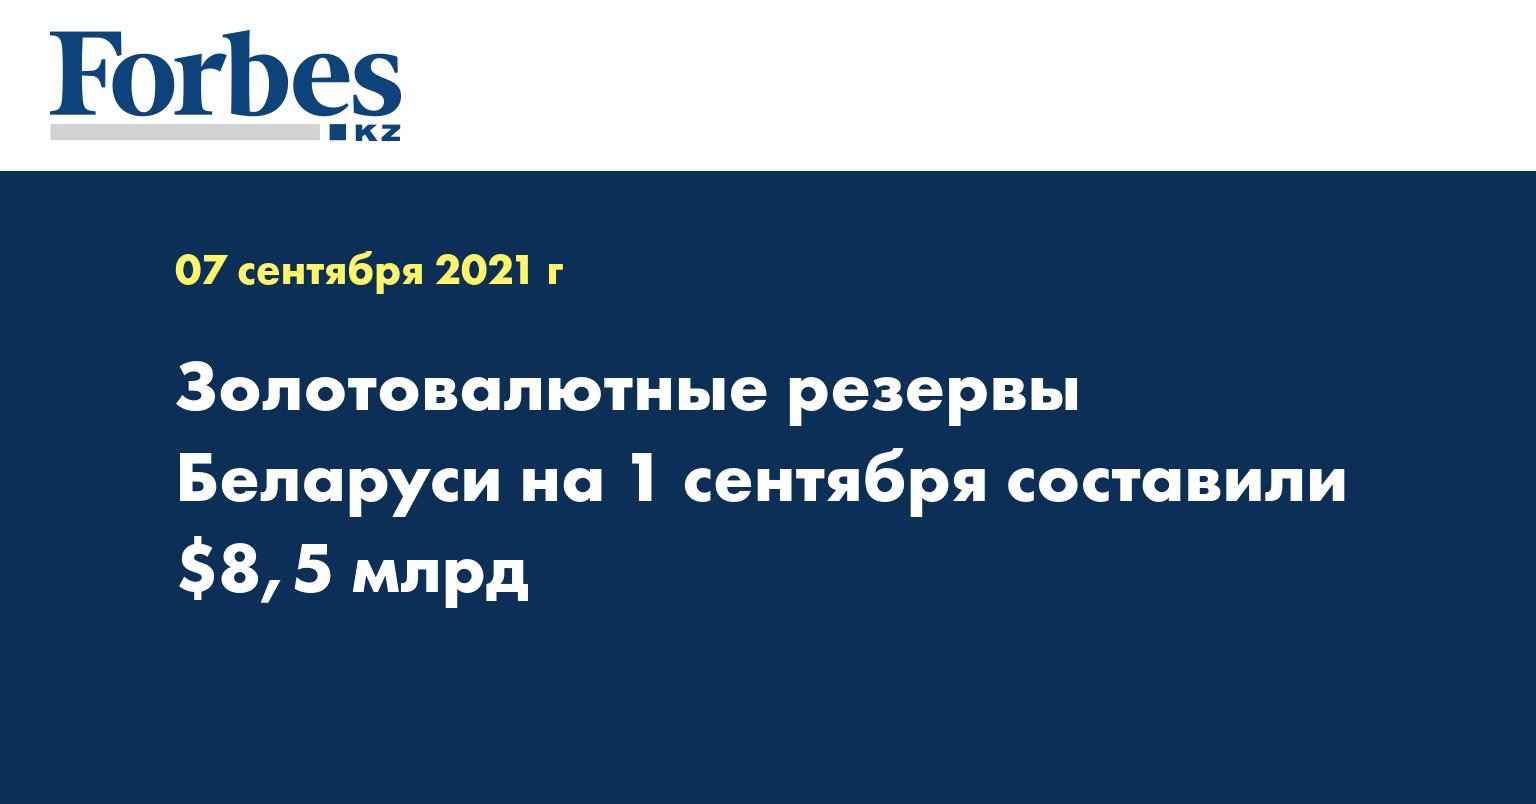 Золотовалютные резервы Беларуси на 1 сентября составили $8,5 млрд